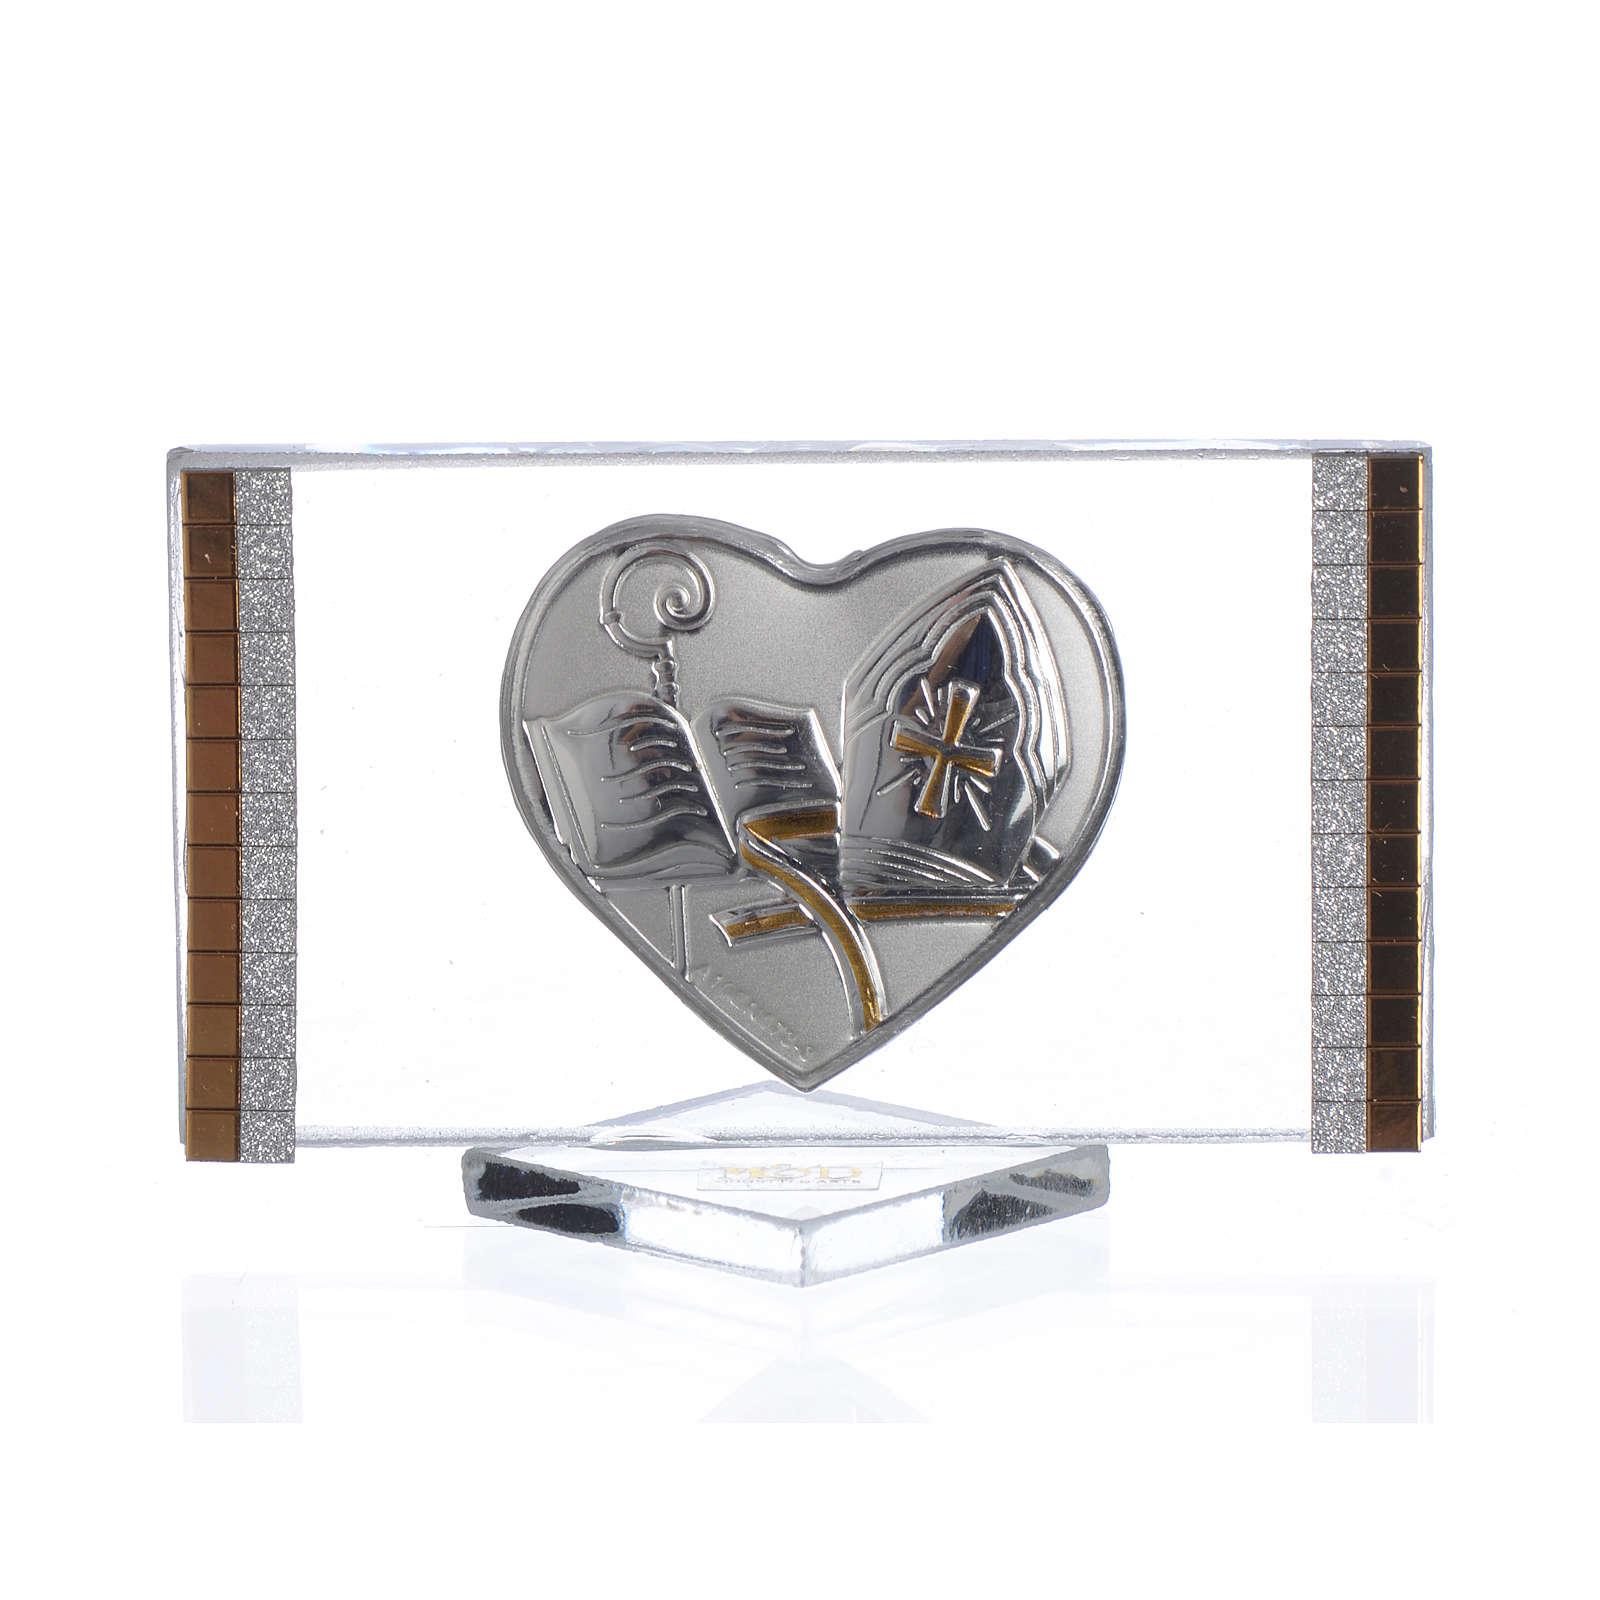 Cuadro en vidrio con corazón laminado en plata con detalles dorados en los bordes 3